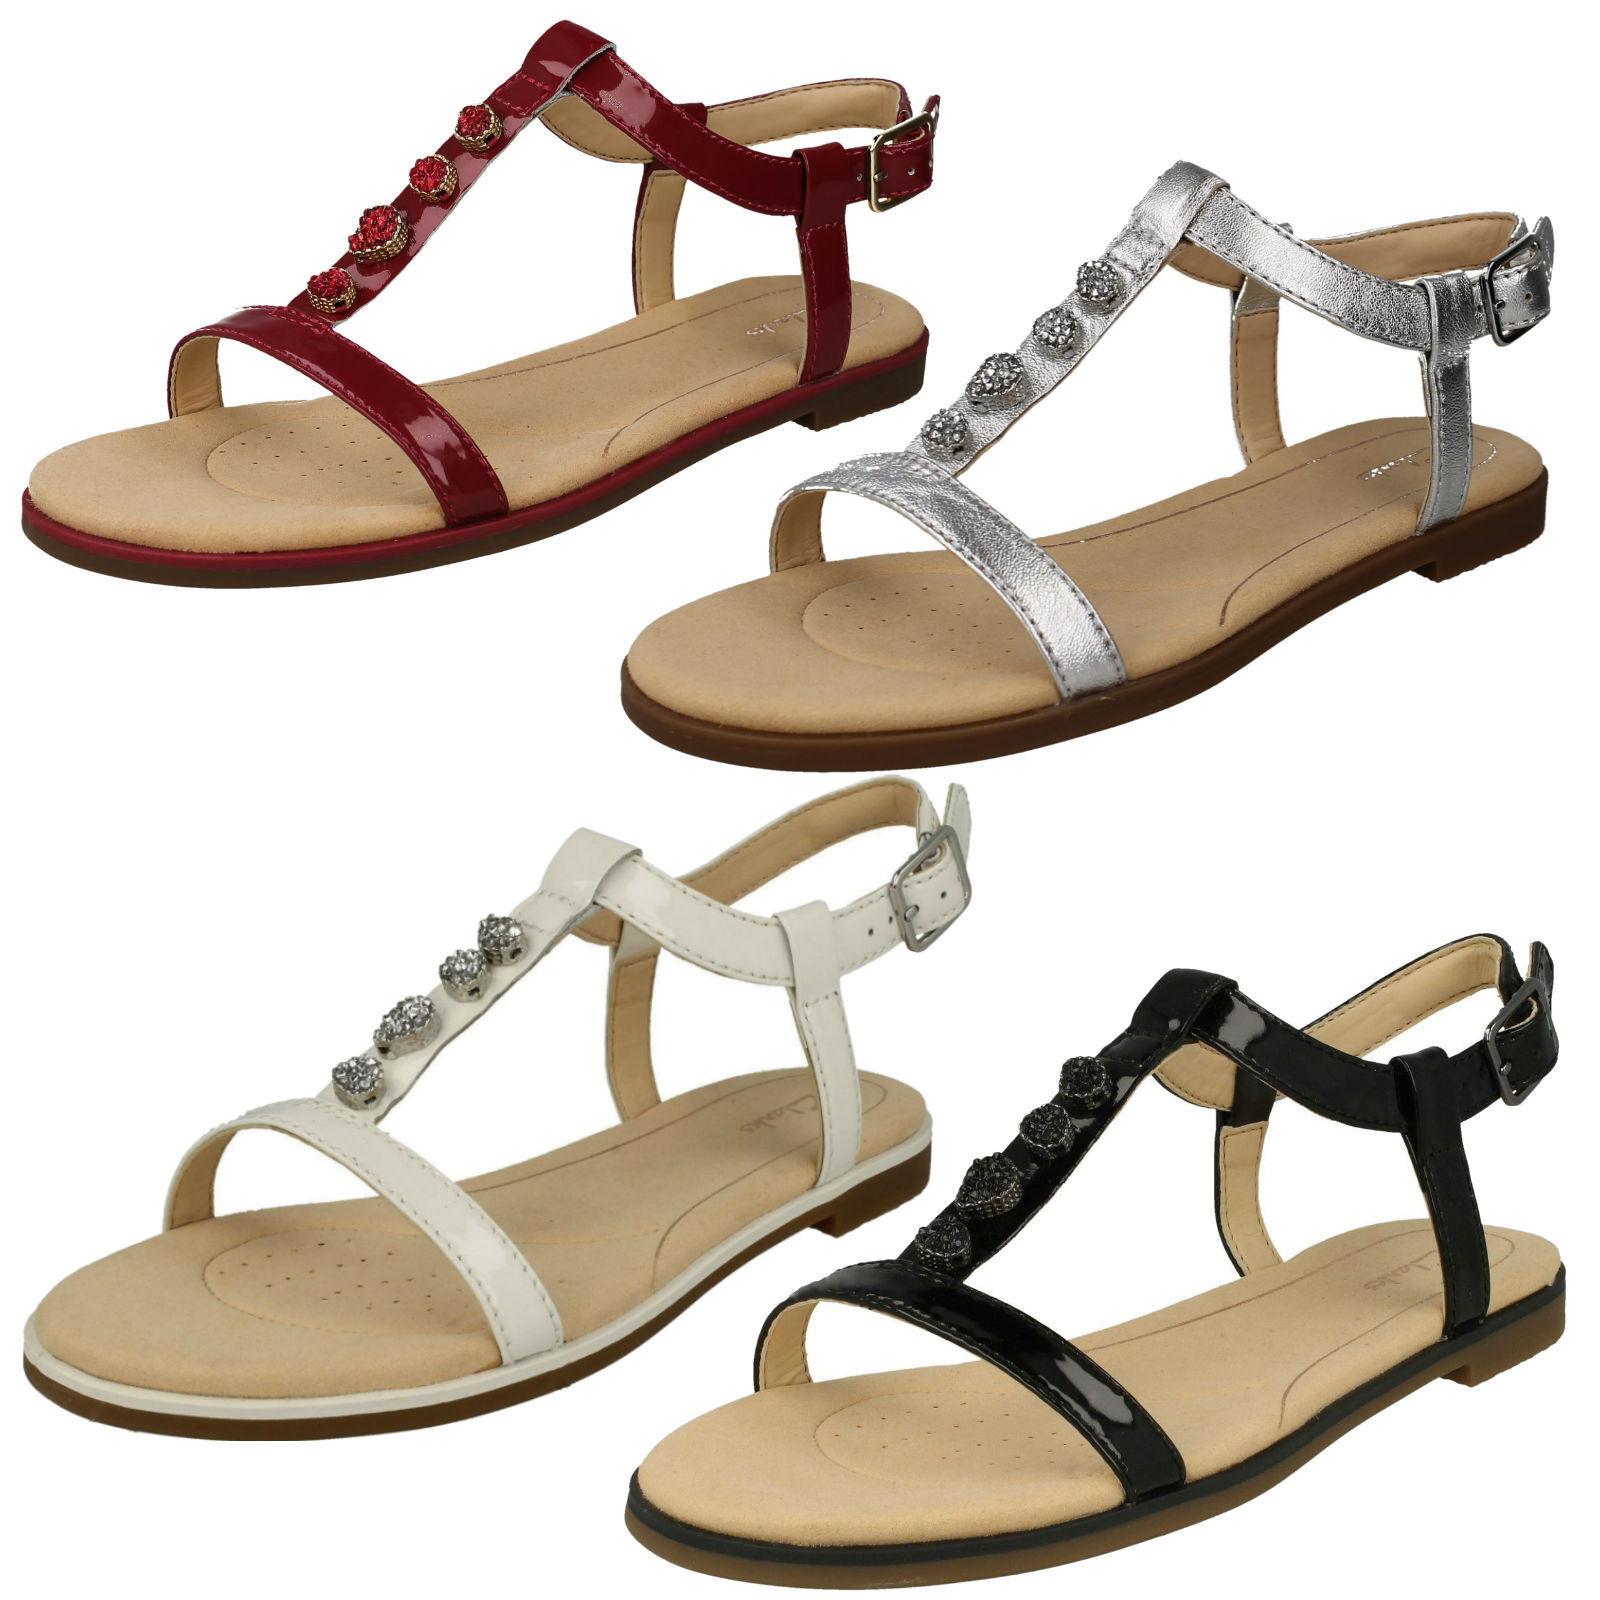 Clarks da donna pelle piatto con fibbia Open Toe Sandali Gladiatore Estivi BAIA